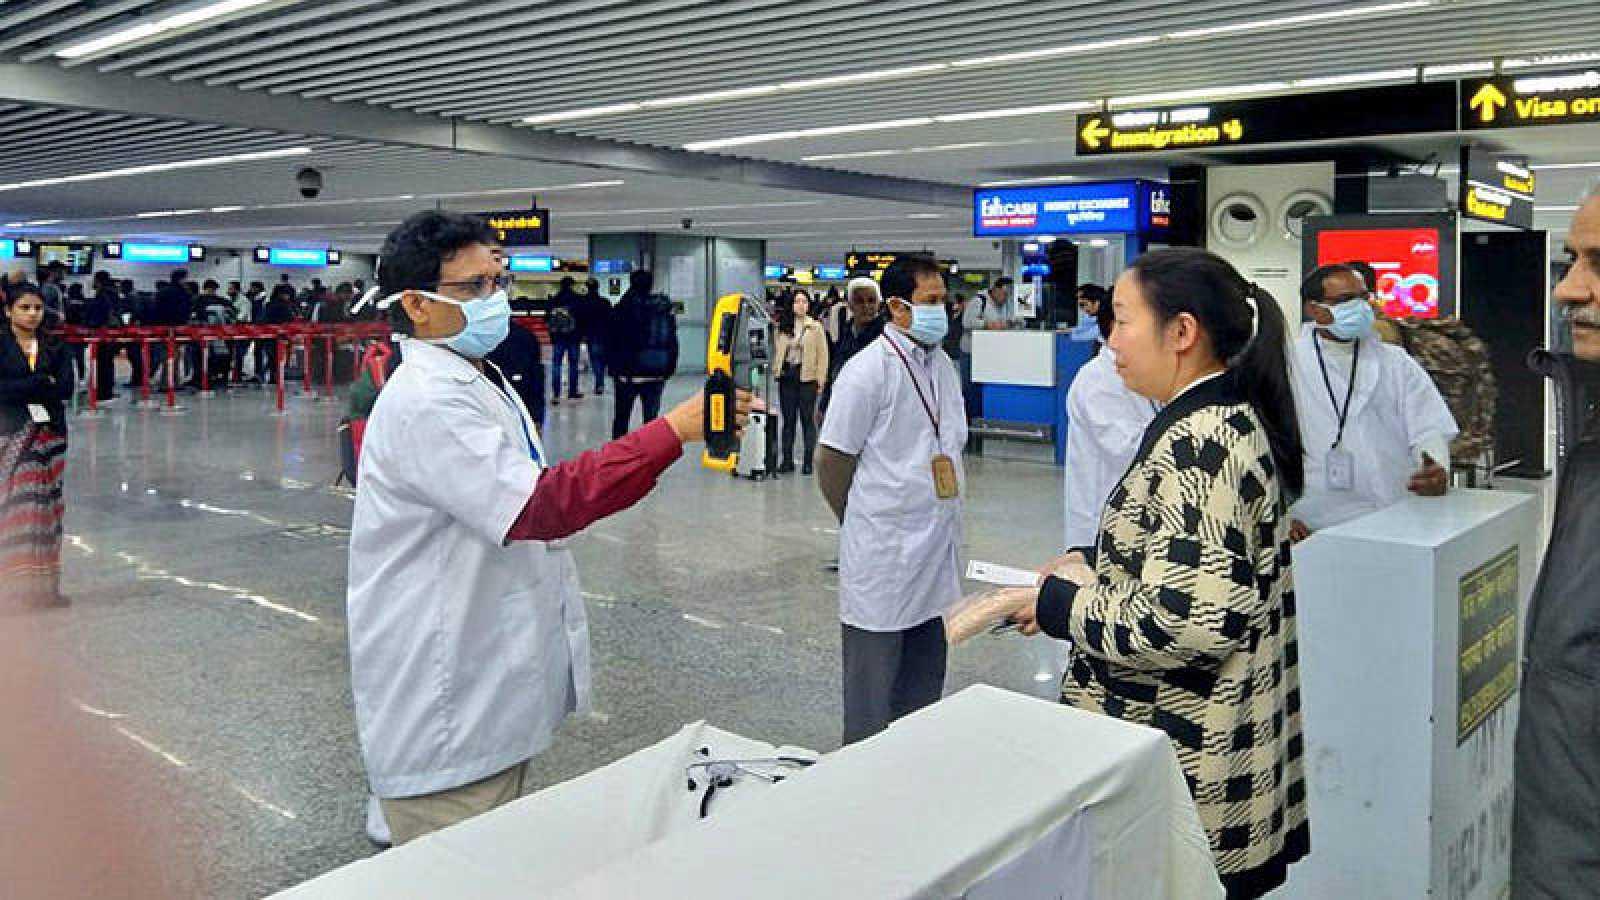 Controles a los pasajeros que vienen de China en el aeropuerto de Kolkata, en India.